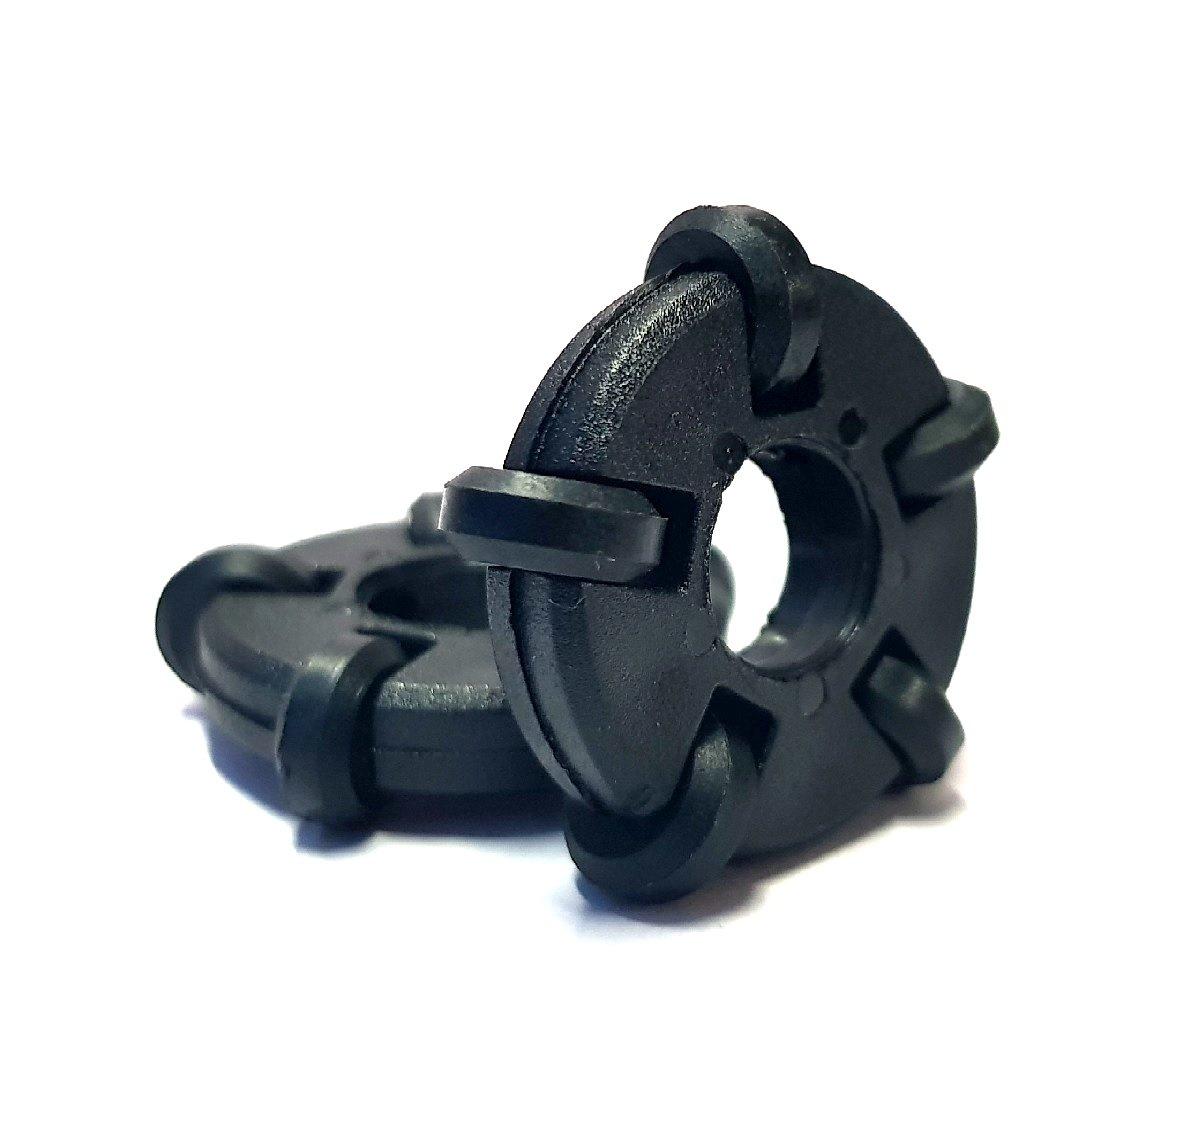 EasyMech Press-Fit Wire Omni Wheel